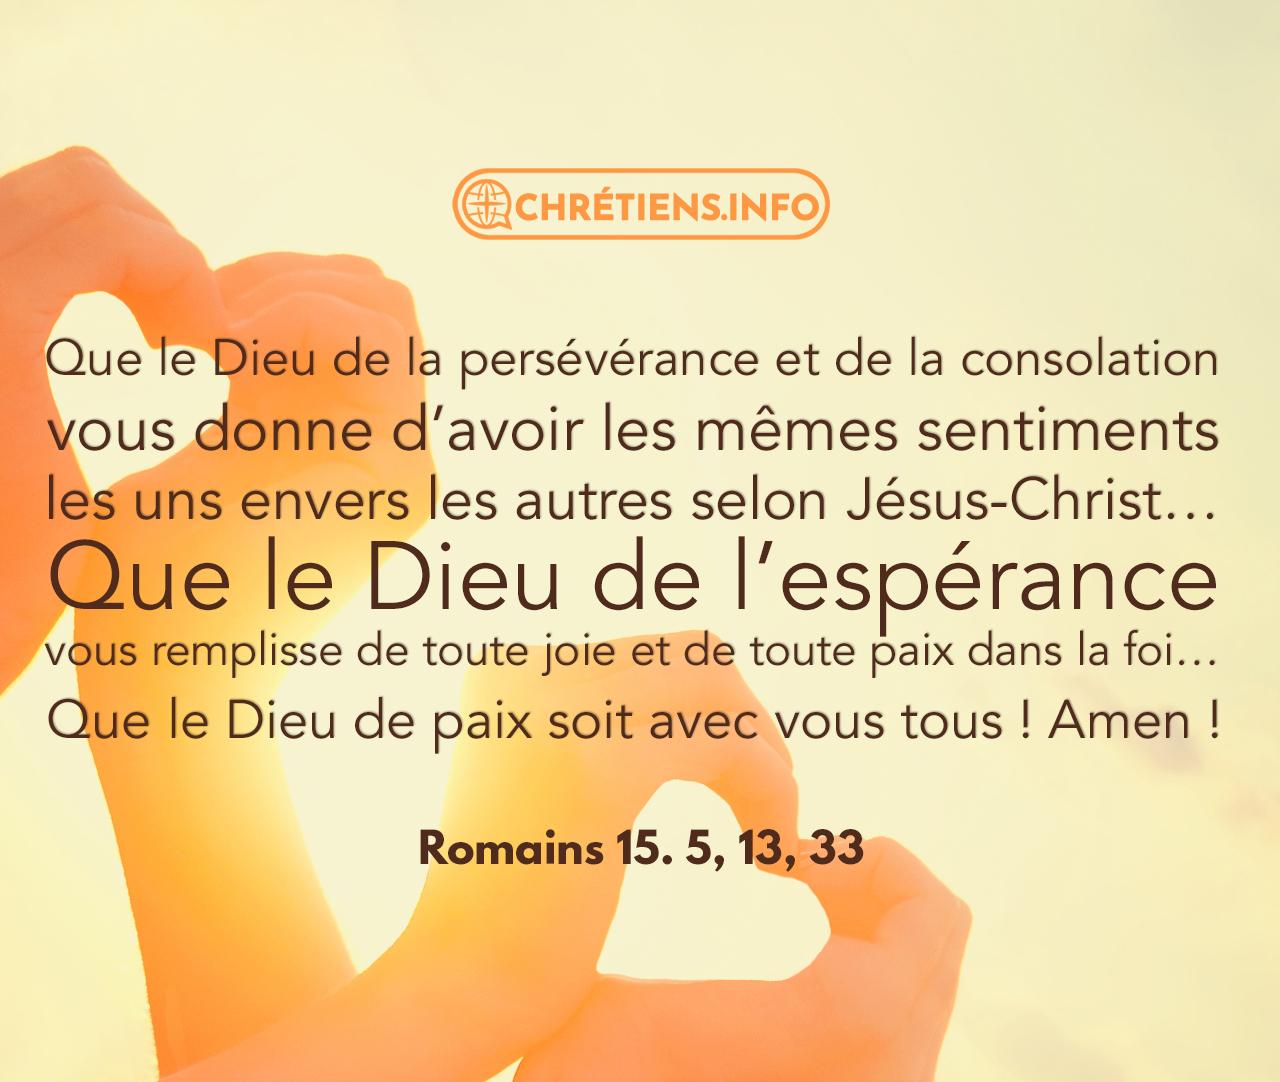 Que le Dieu de la persévérance et de la consolation vous donne d'avoir les mêmes sentiments les uns envers les autres selon Jésus-Christ. Romains 15:5